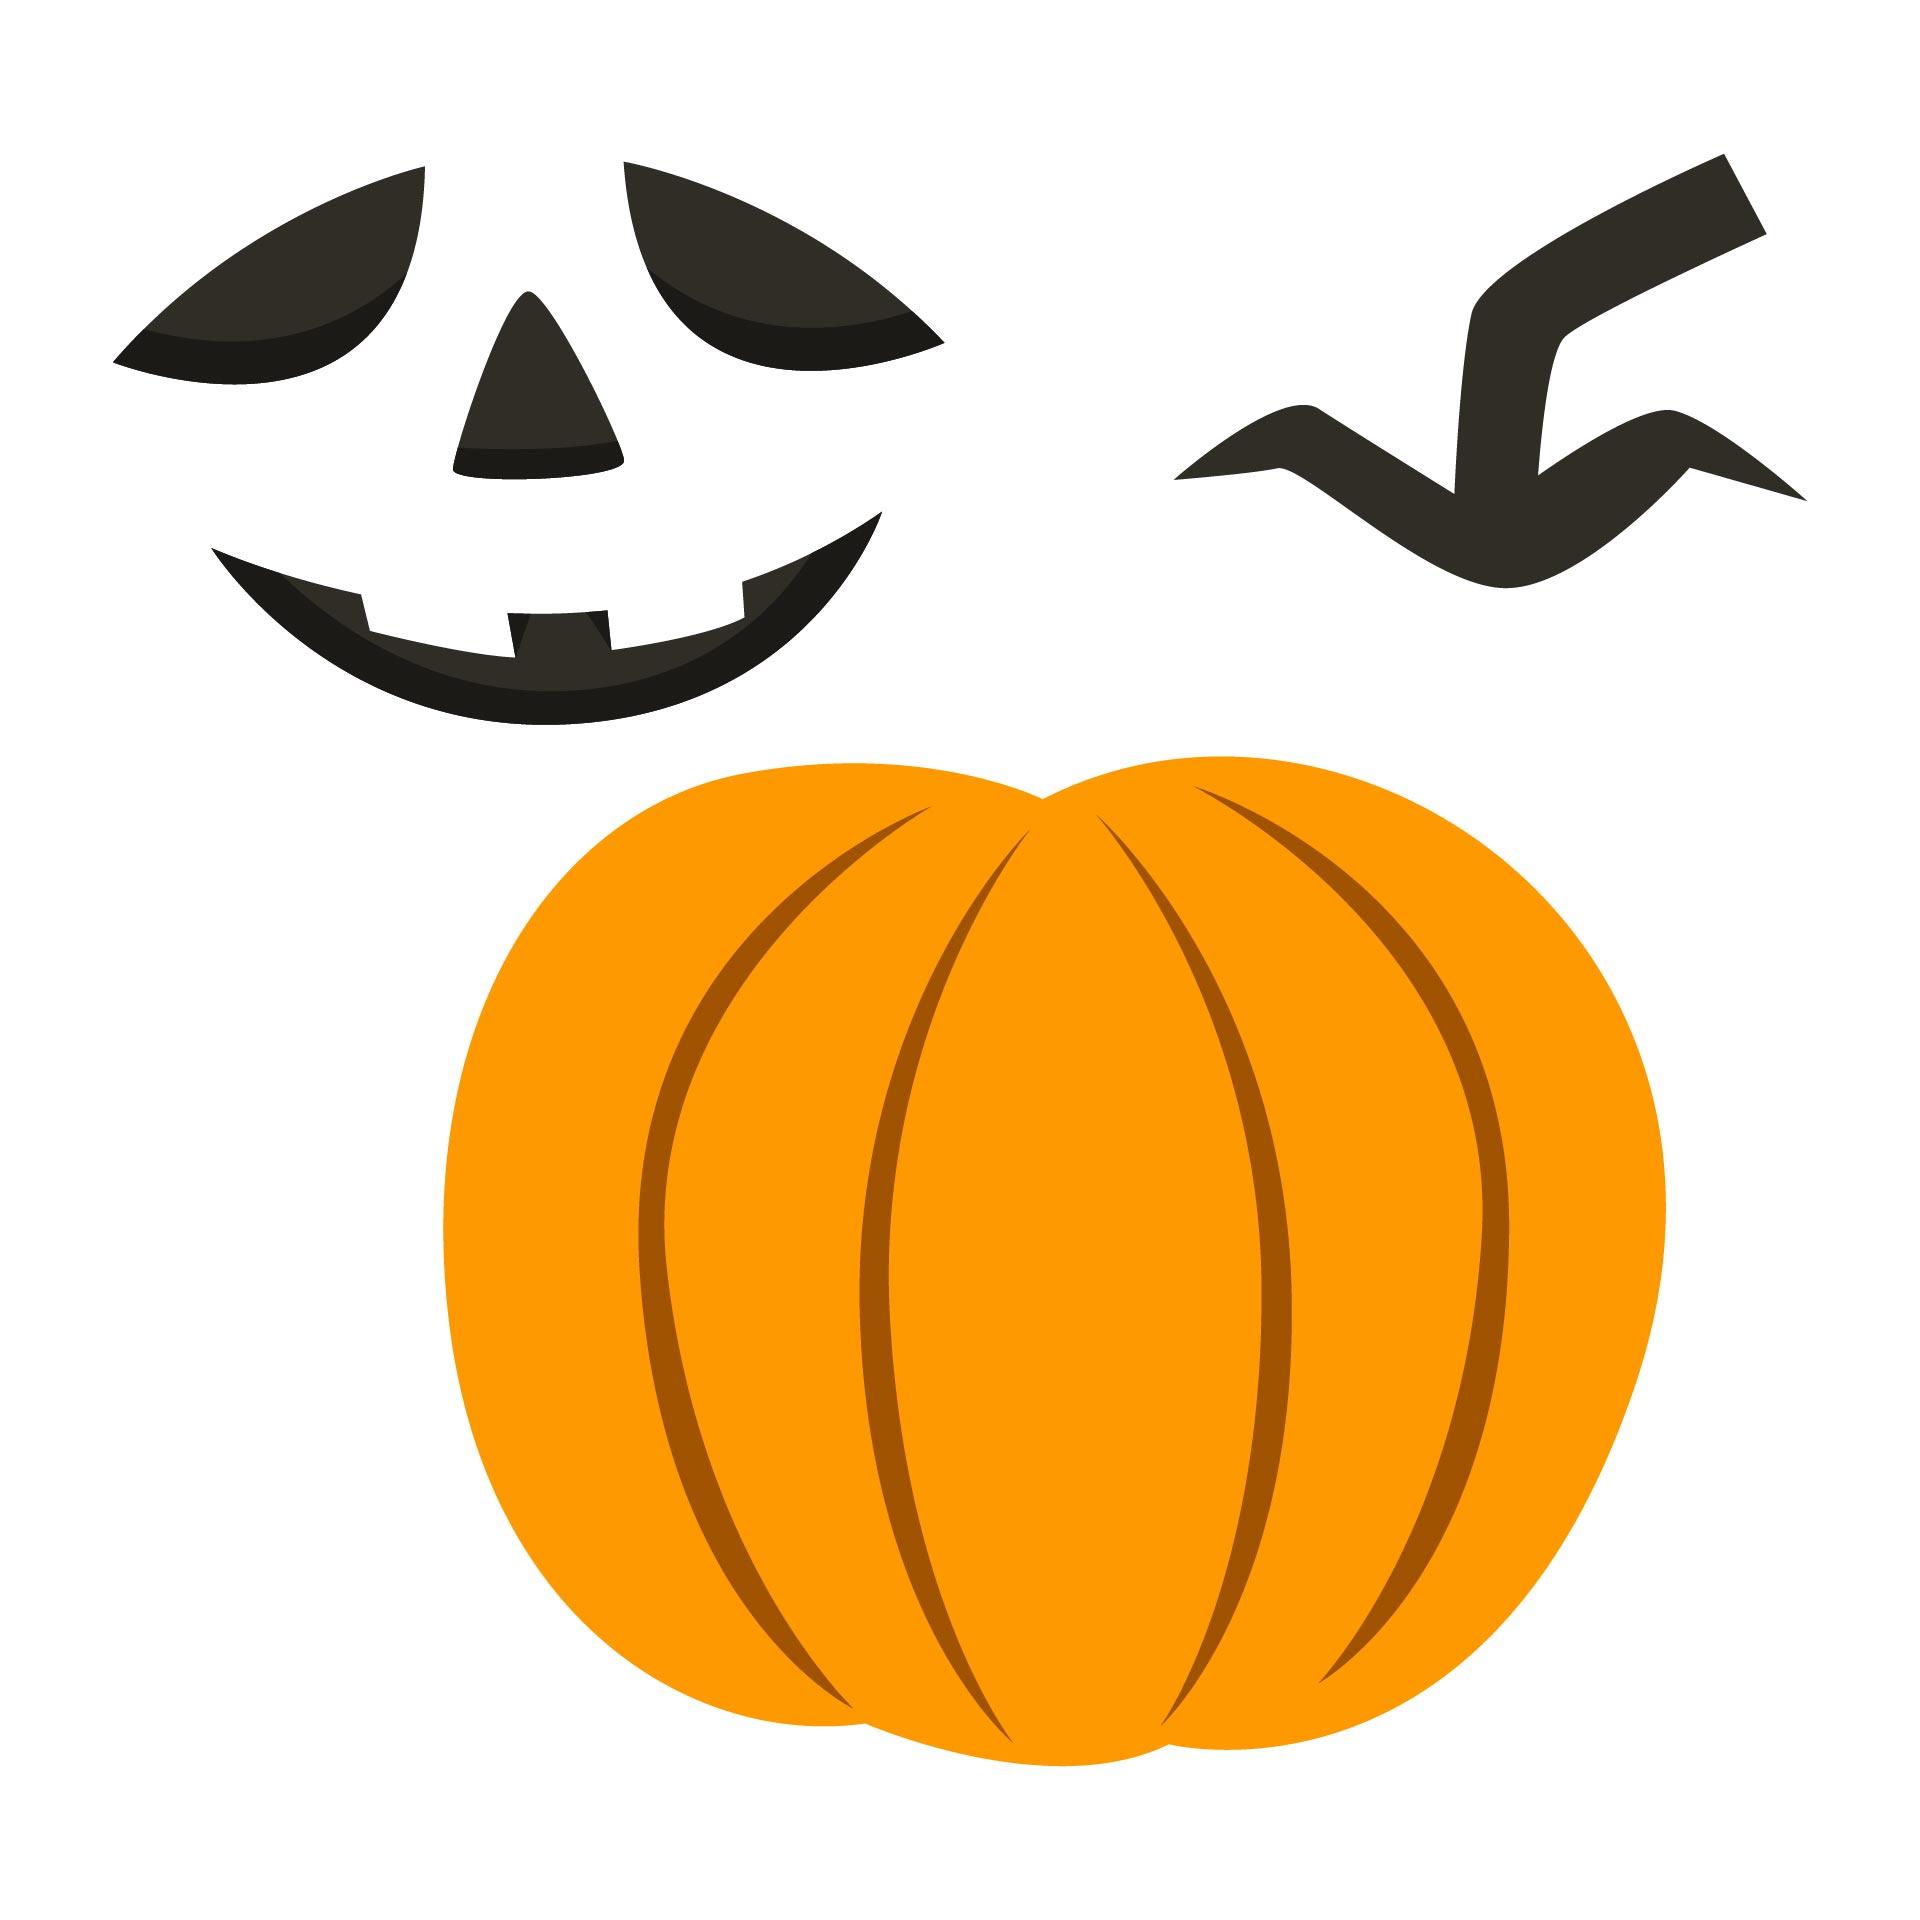 Simple Halloween Crafts For Preschoolers